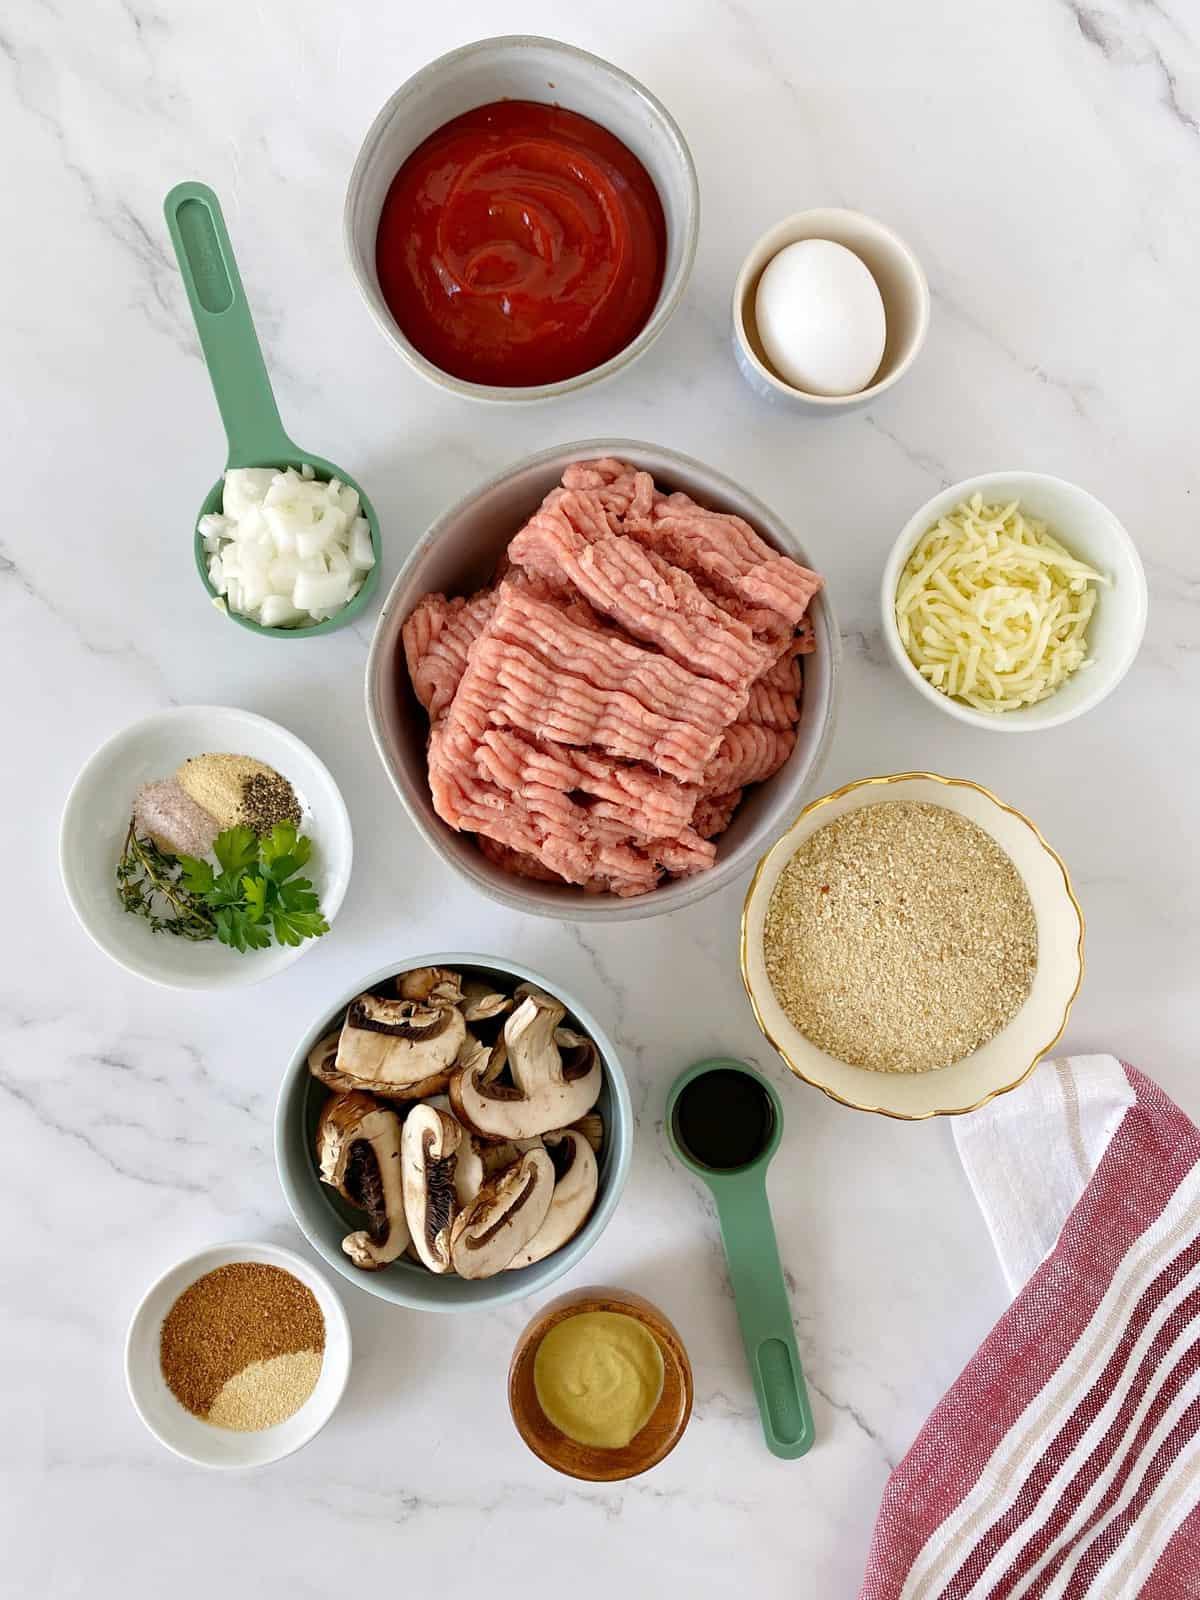 ingredients for veggie meatloaf